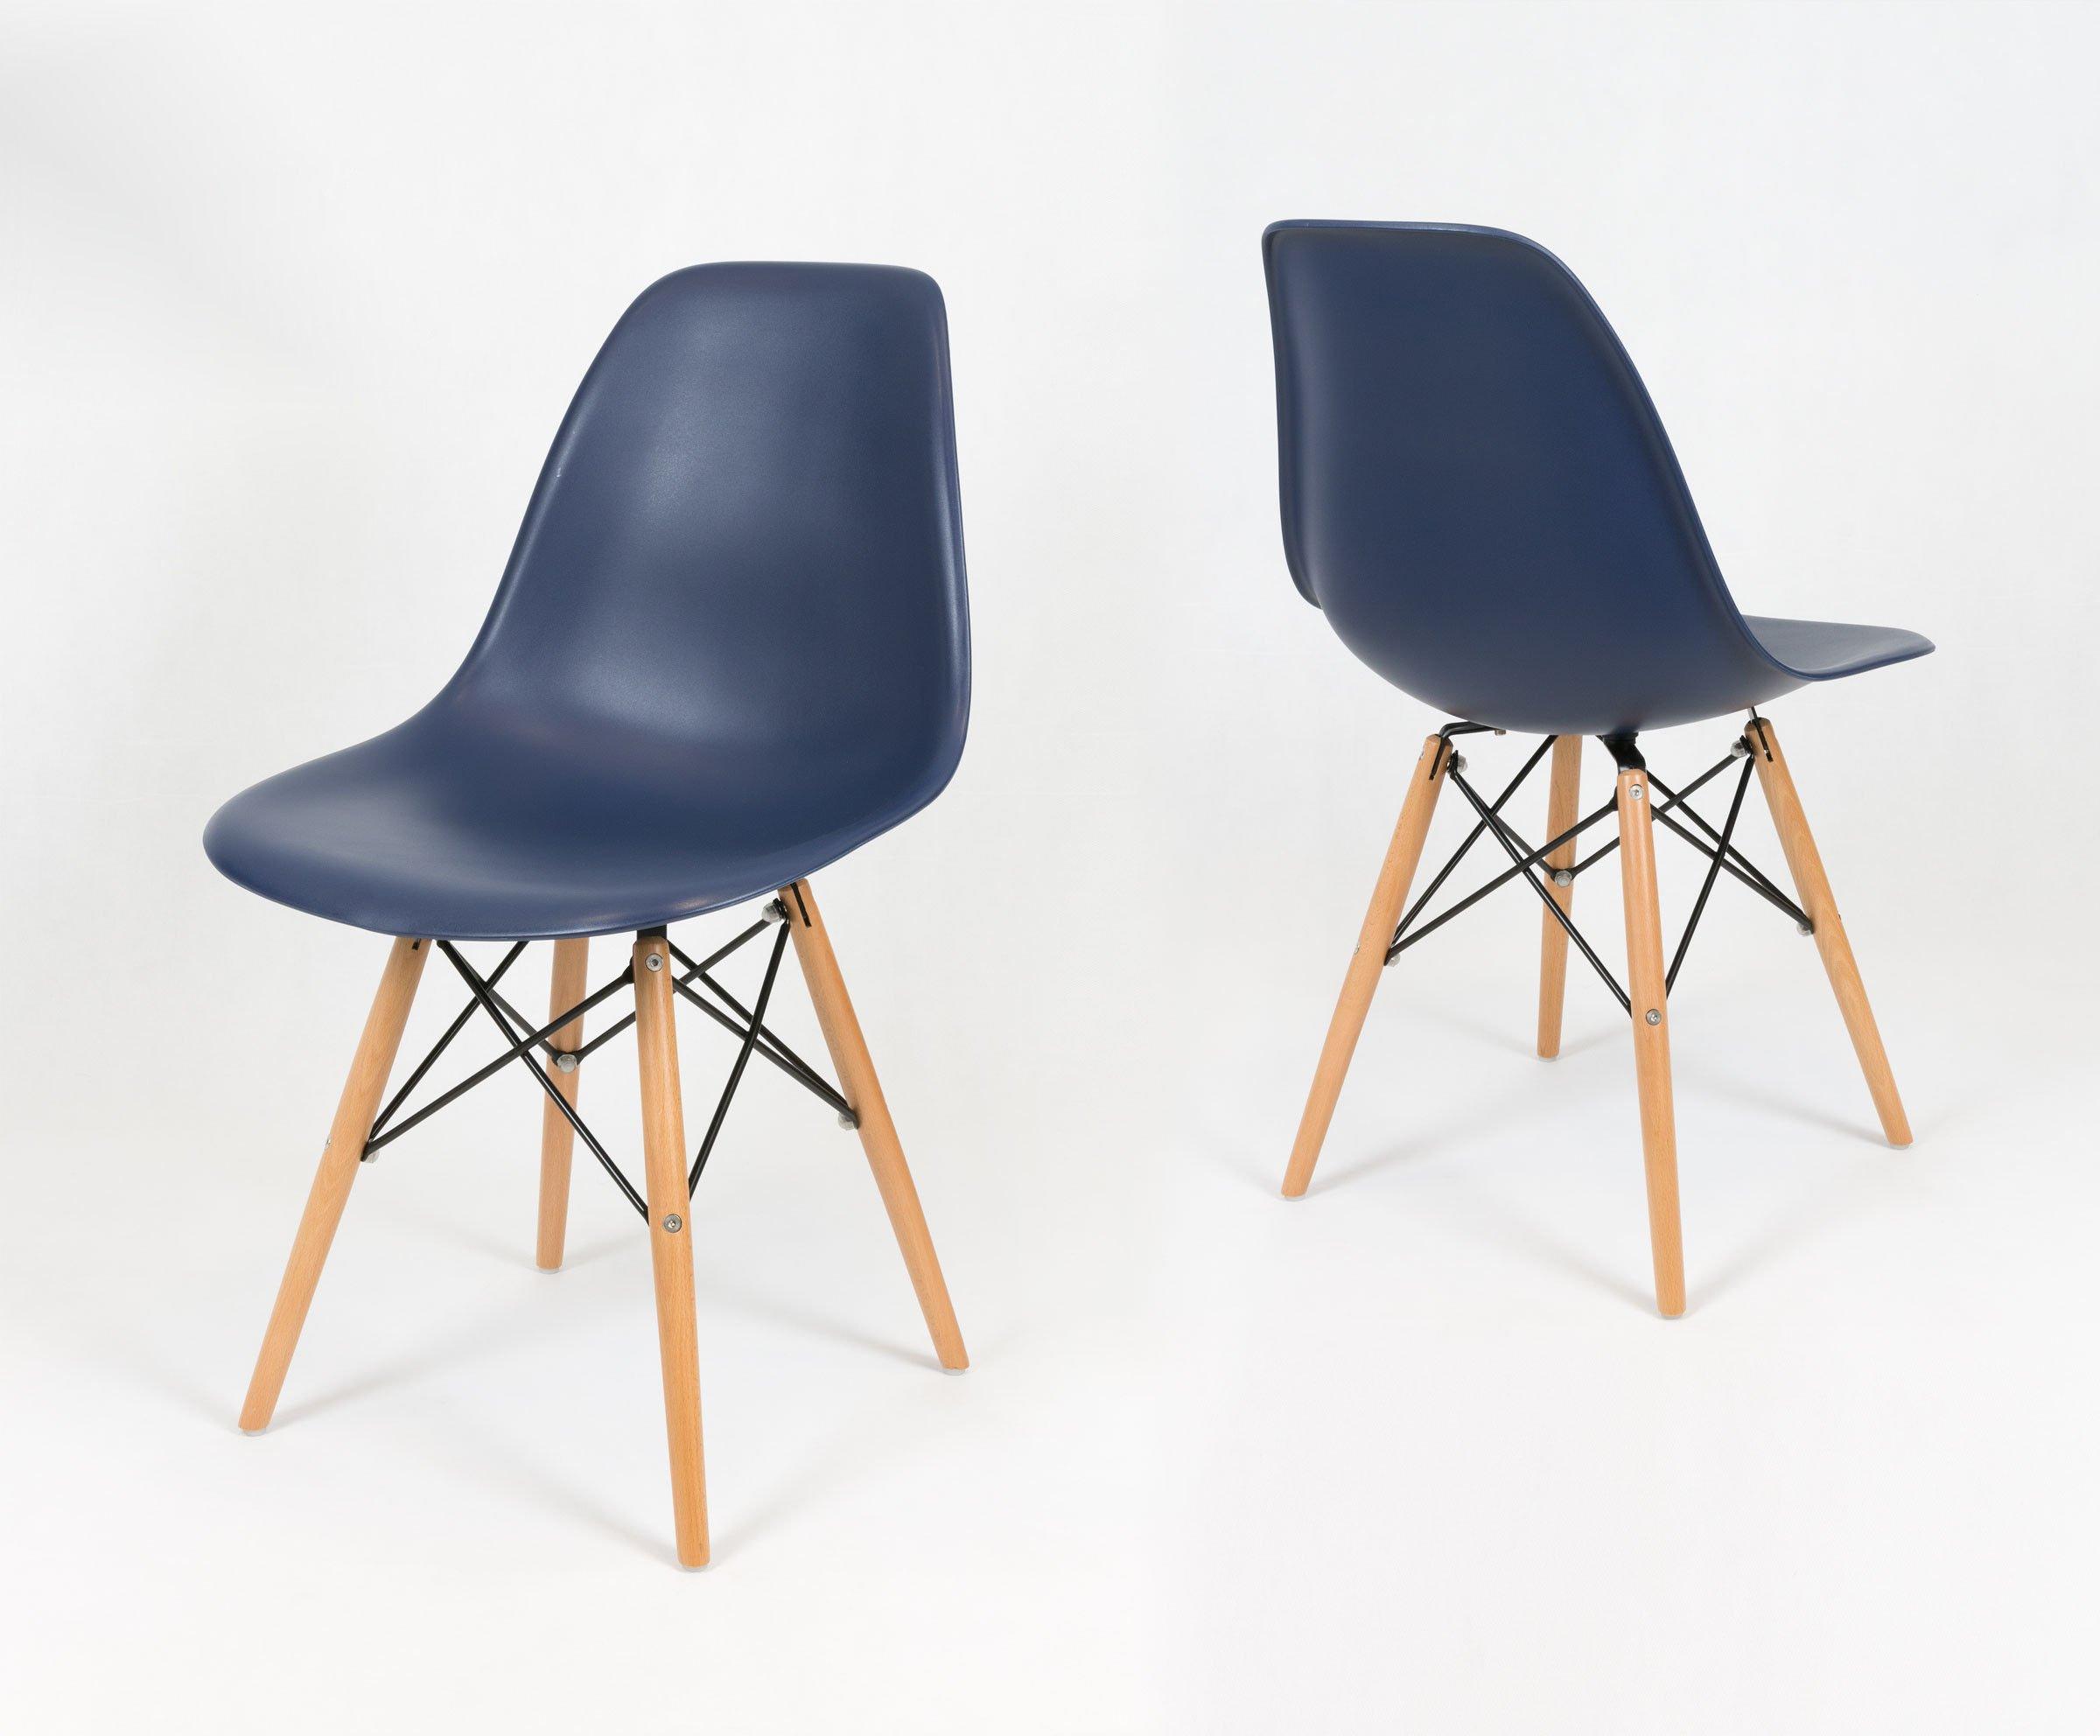 Sk design kr012 dunkelblau stuhl buche dunkel blau holz for Stuhl buche